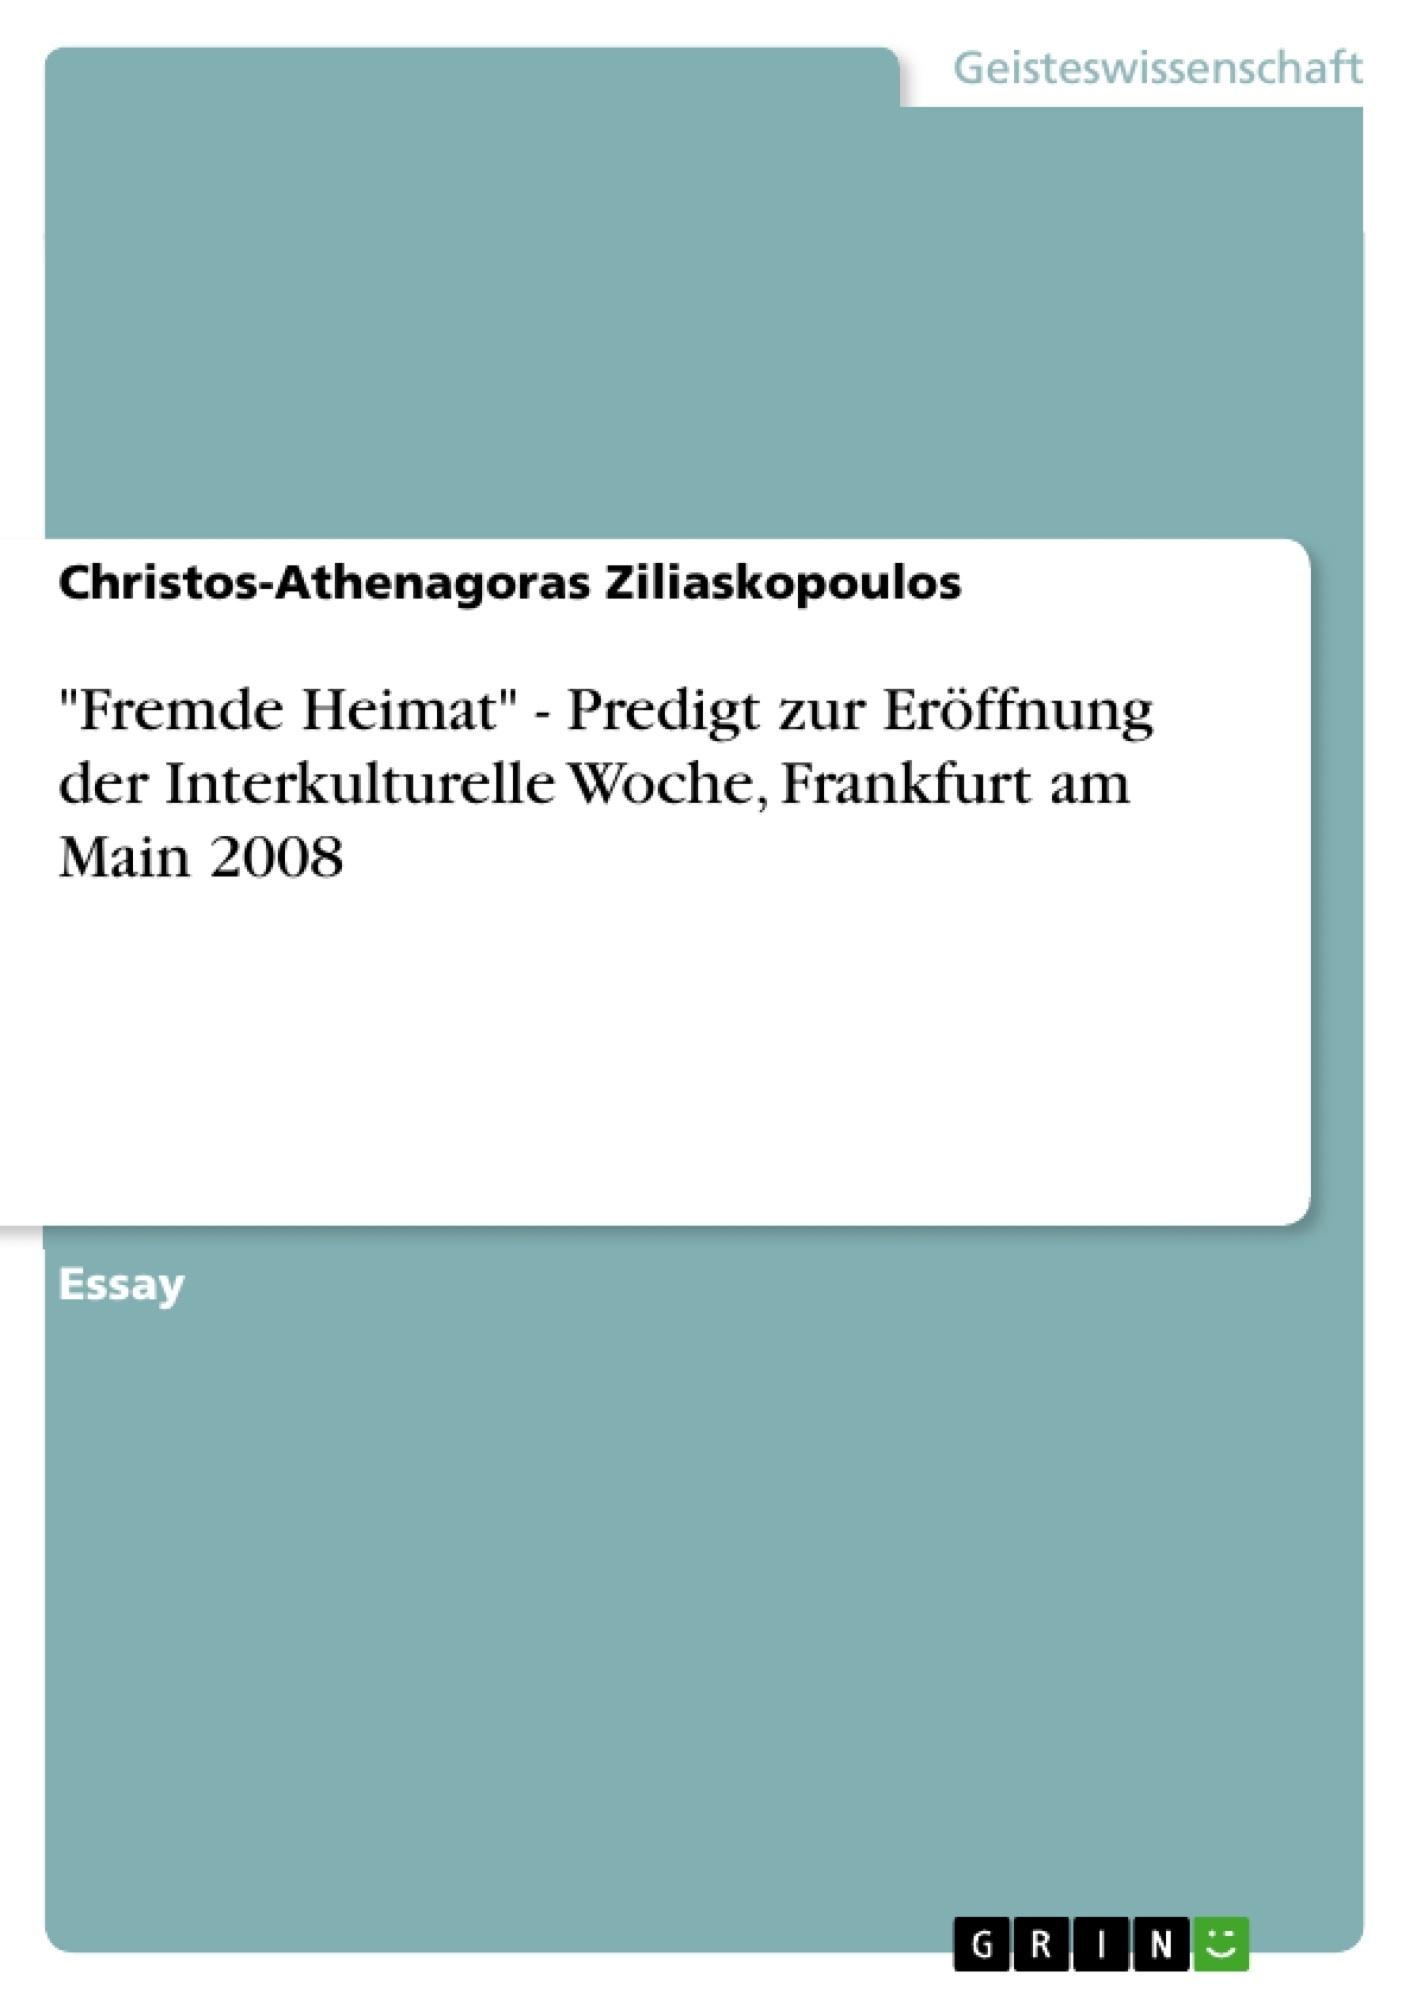 """Titel: """"Fremde Heimat"""" - Predigt zur Eröffnung der Interkulturelle Woche, Frankfurt am Main 2008"""